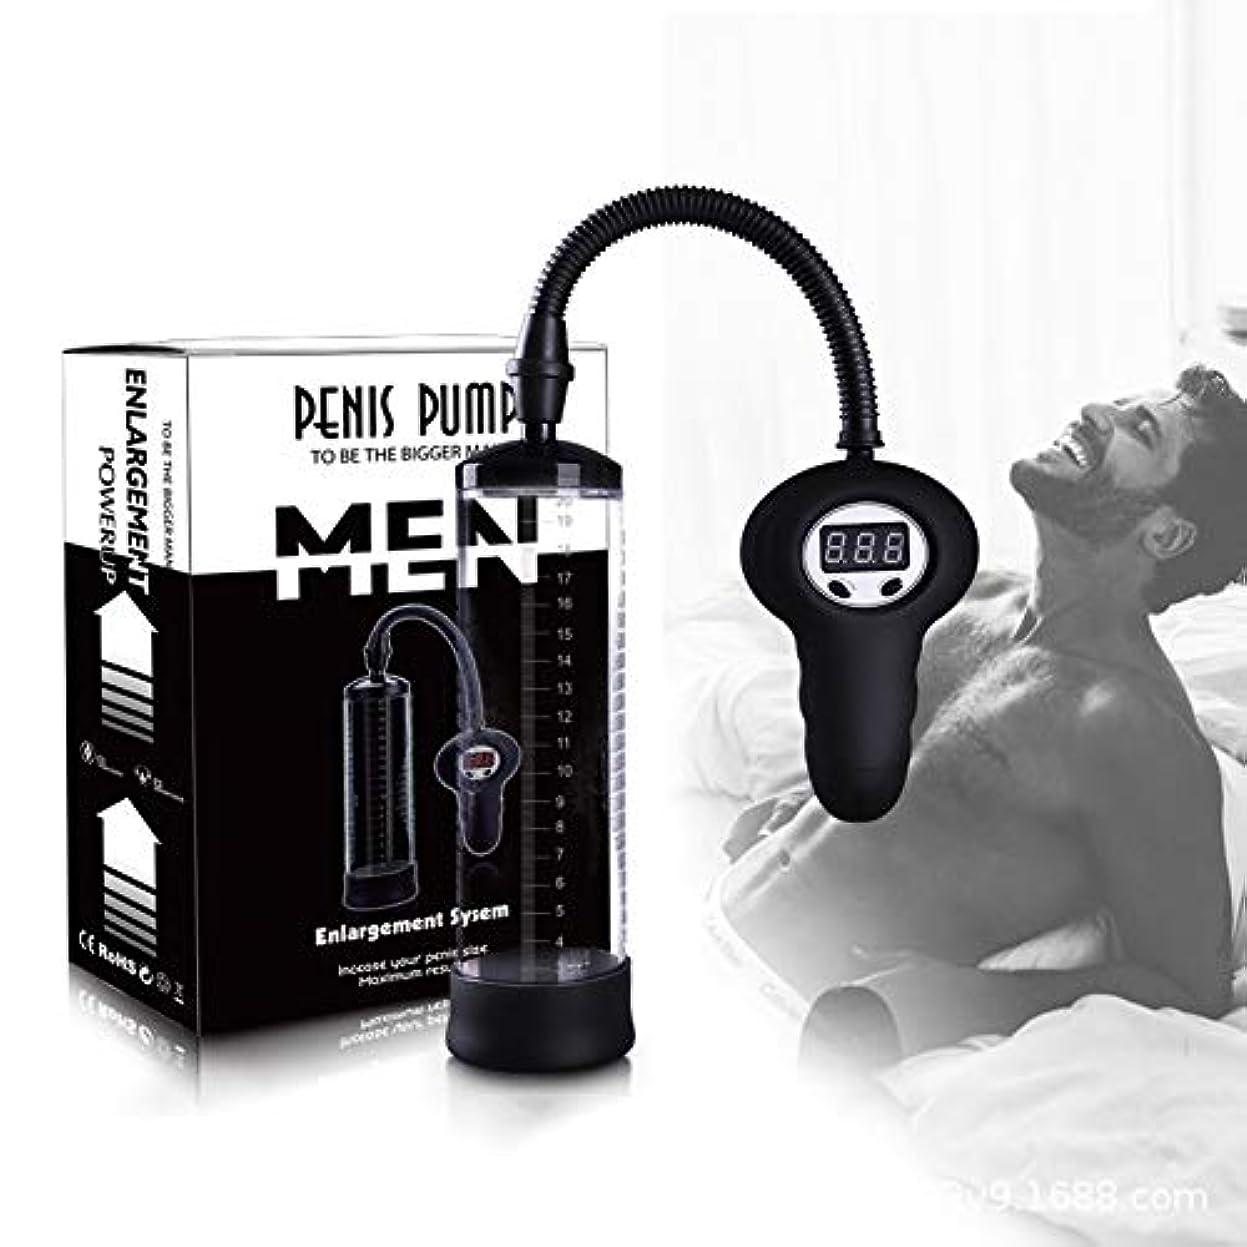 毎週毒仕えるKGJJHYBGTOY 男性のためのPenǐle真空ポンプ空気圧装置エンハンサー RELAX MASSAGE BODY